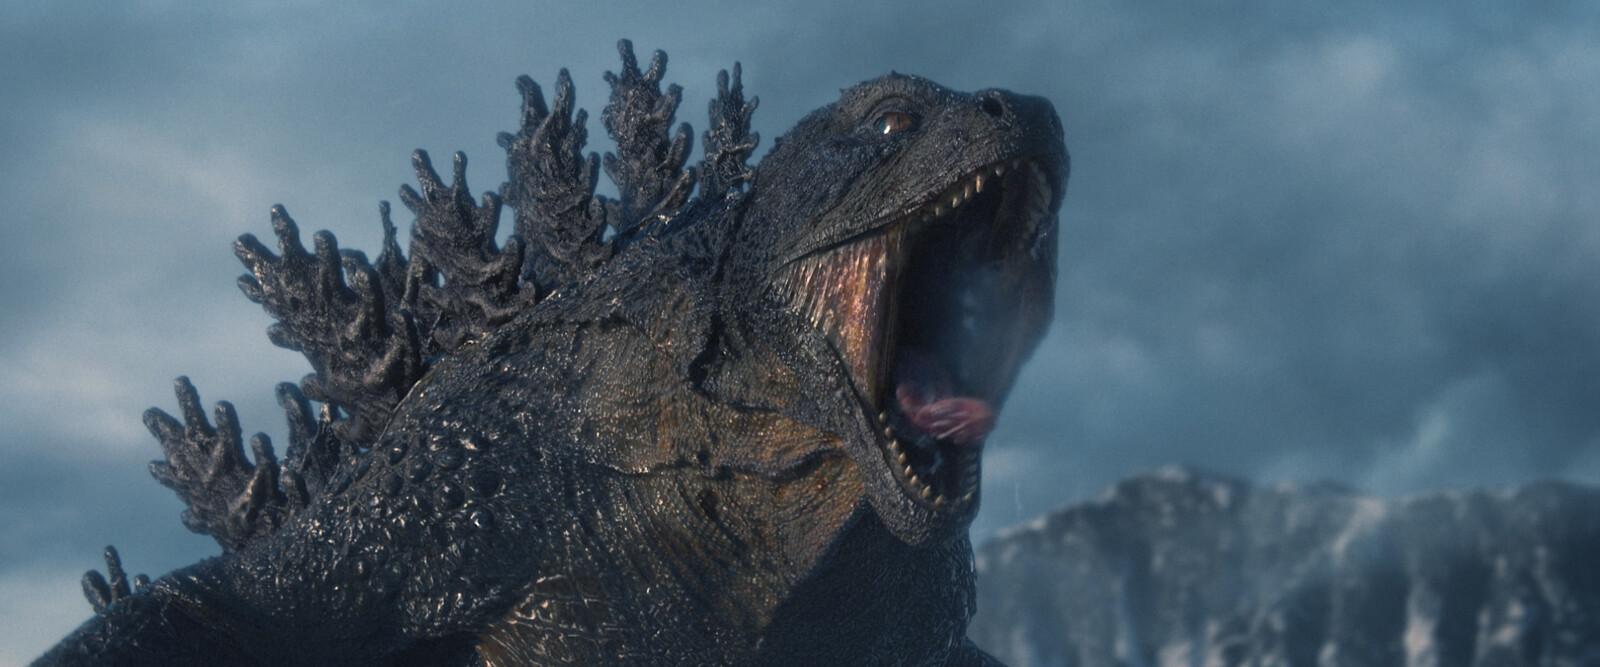 Godzilla - Kong vs Godzilla Parody Short (KvG)